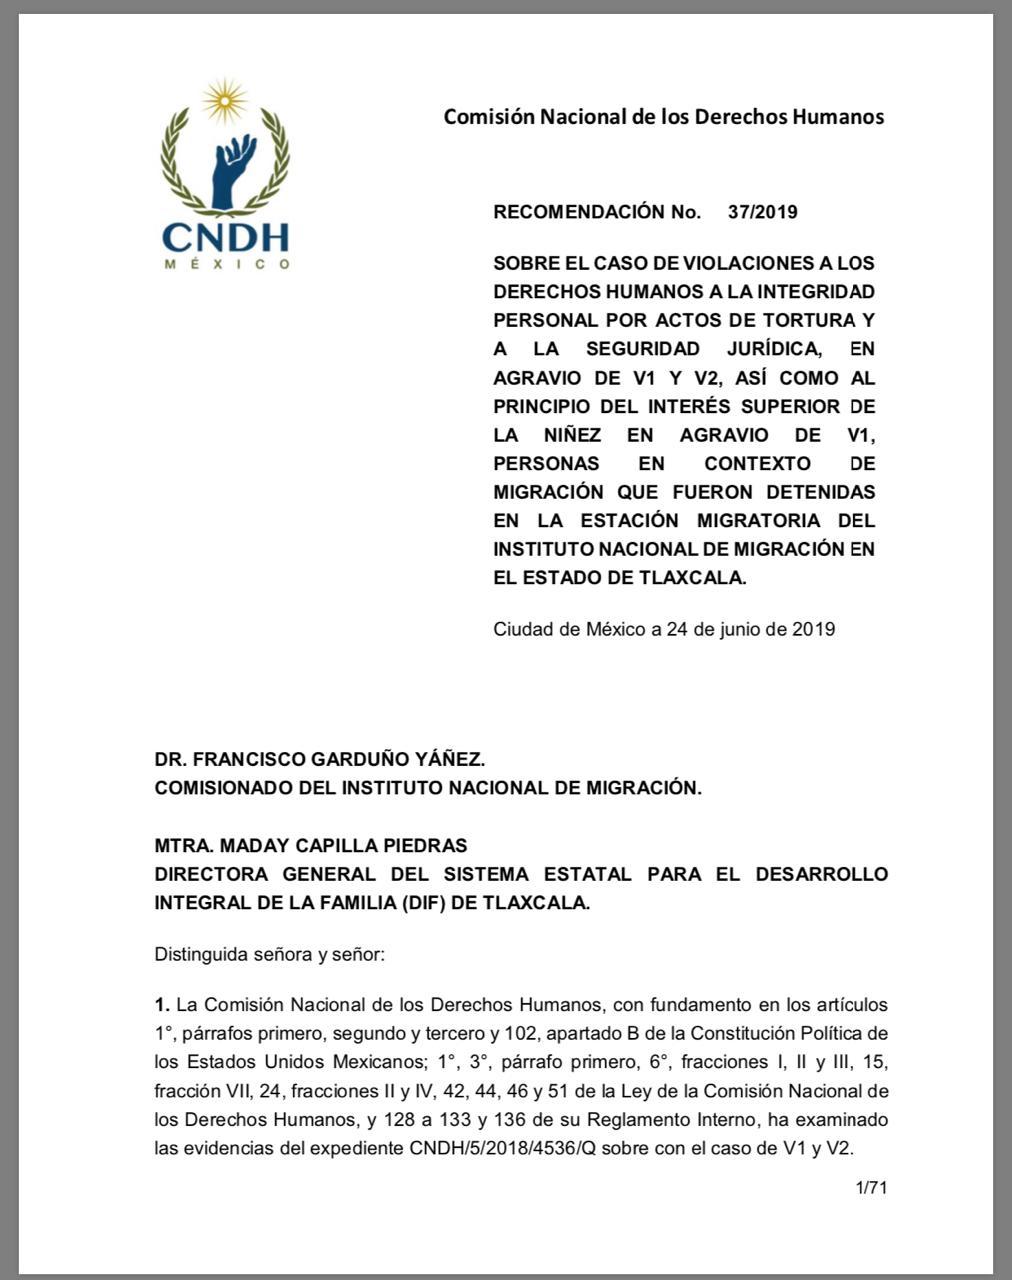 El INM cometió abusos físicos contra dos migrantes en Tlaxcala